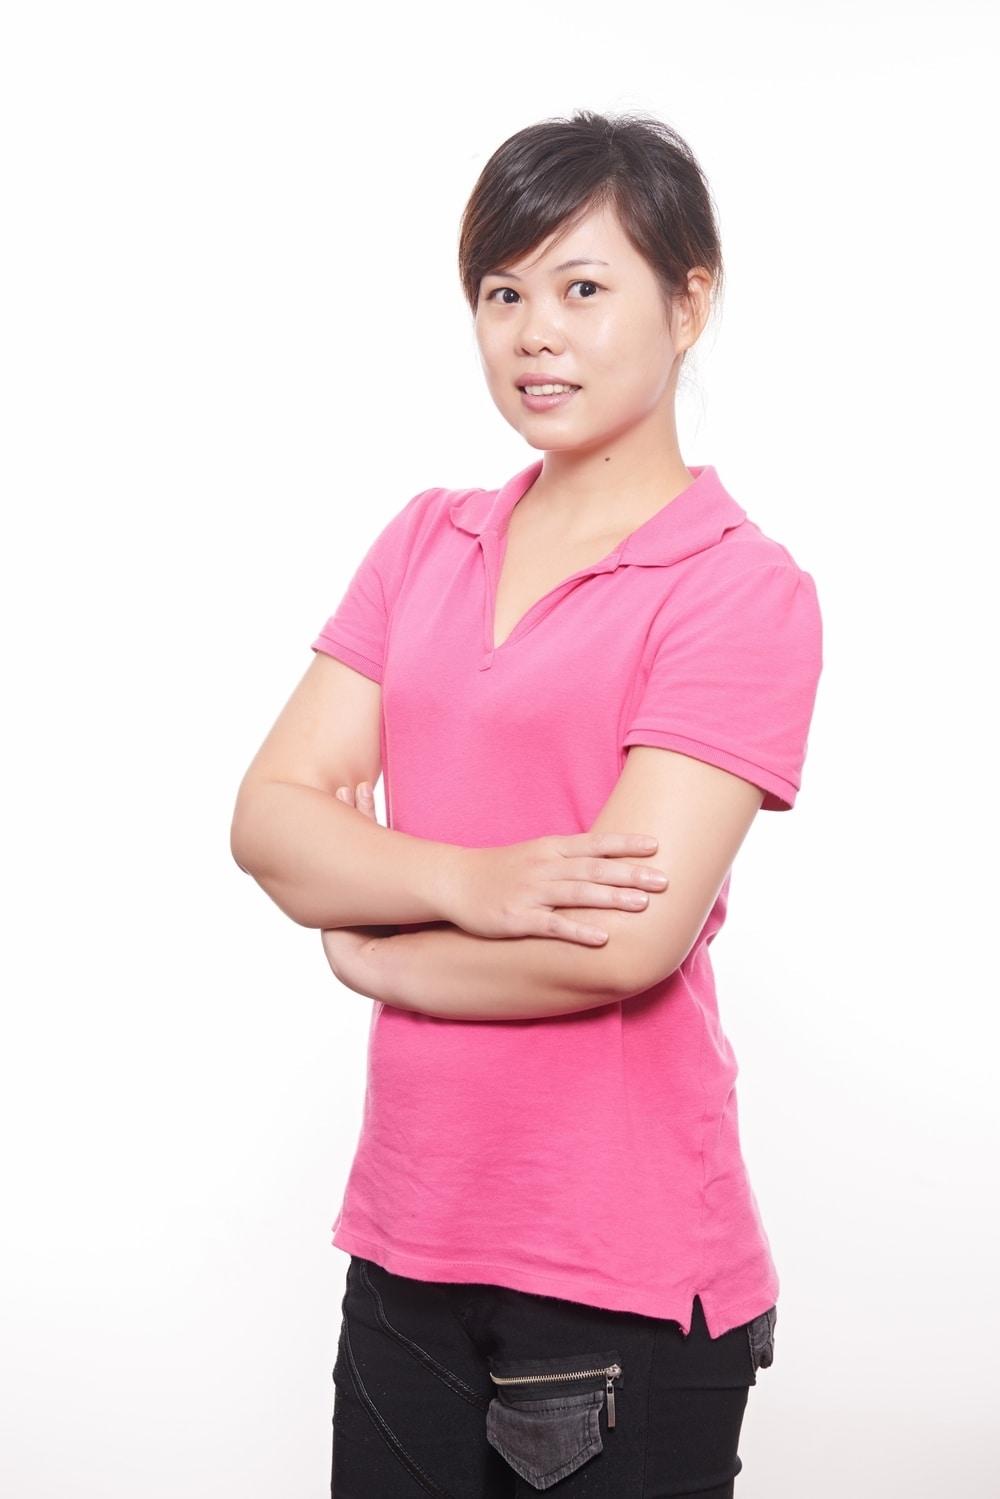 台北按摩滿憶亭88號芳療師